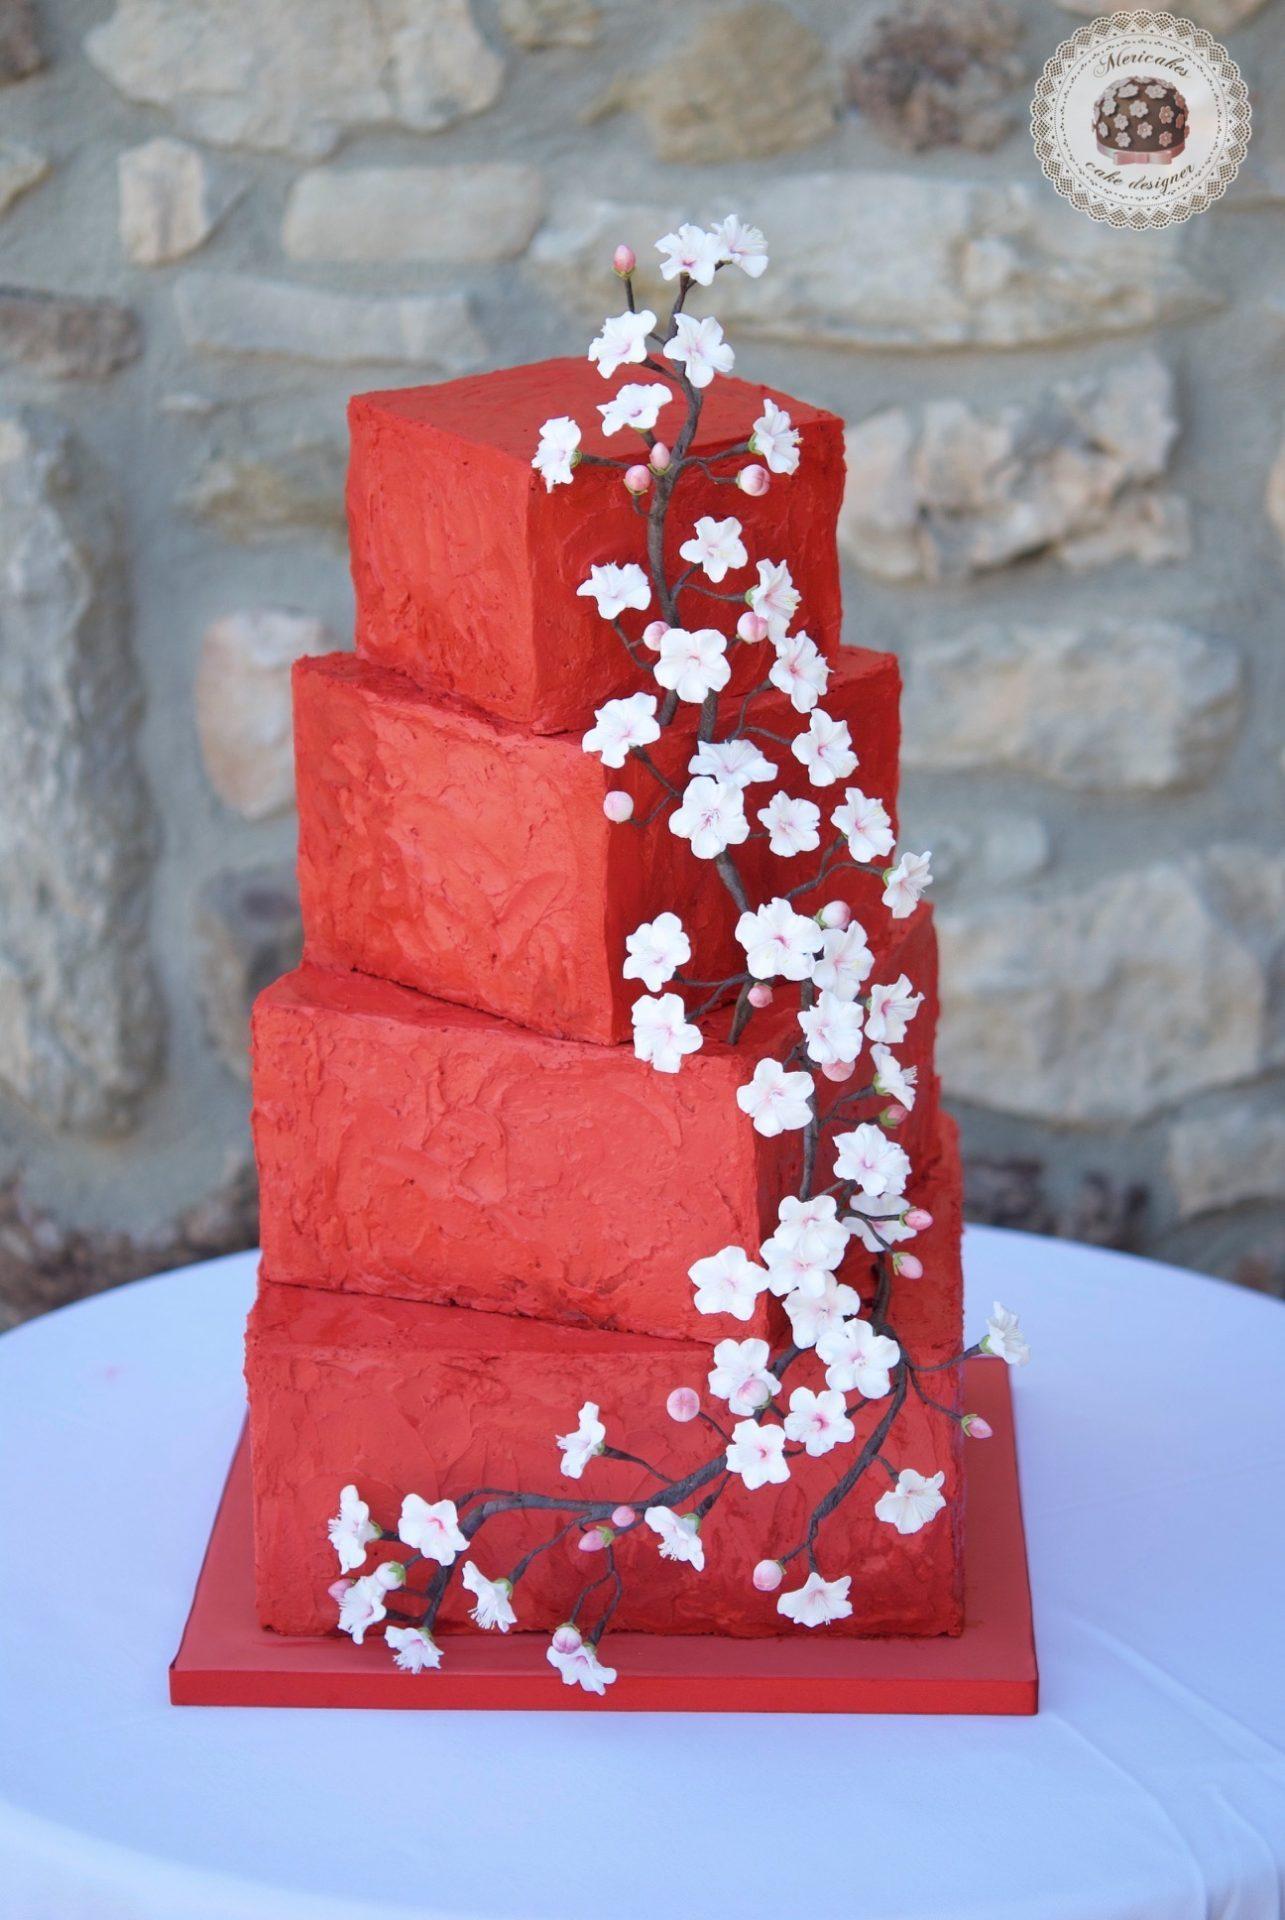 Cherry blossom, flor de cerezo, tarta de boda, wedding cake, mericakes, tartas barcelona, spain wedding, cream cake, red velvet, flores de azucar, sugarflowers, red wedding, cake artist 5